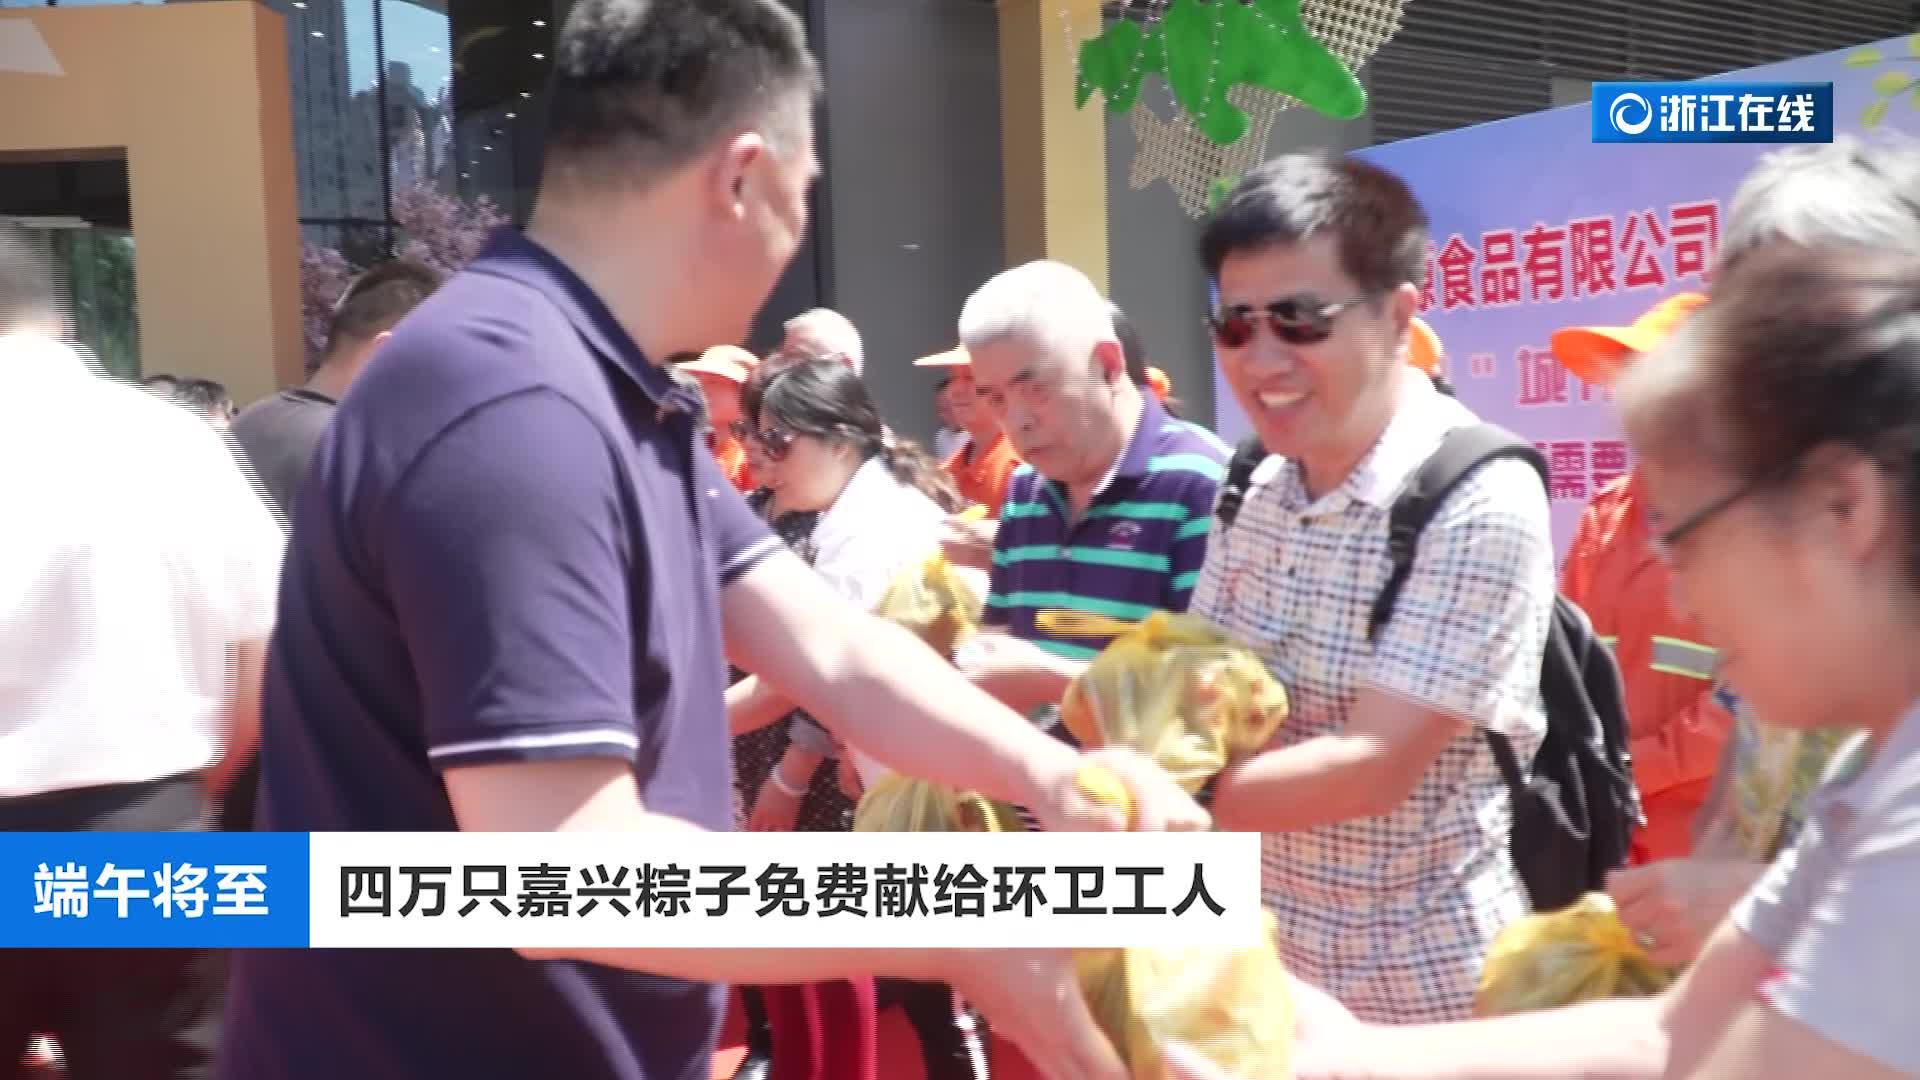 端午将至 4万只粽子送给杭城��城市美容师��